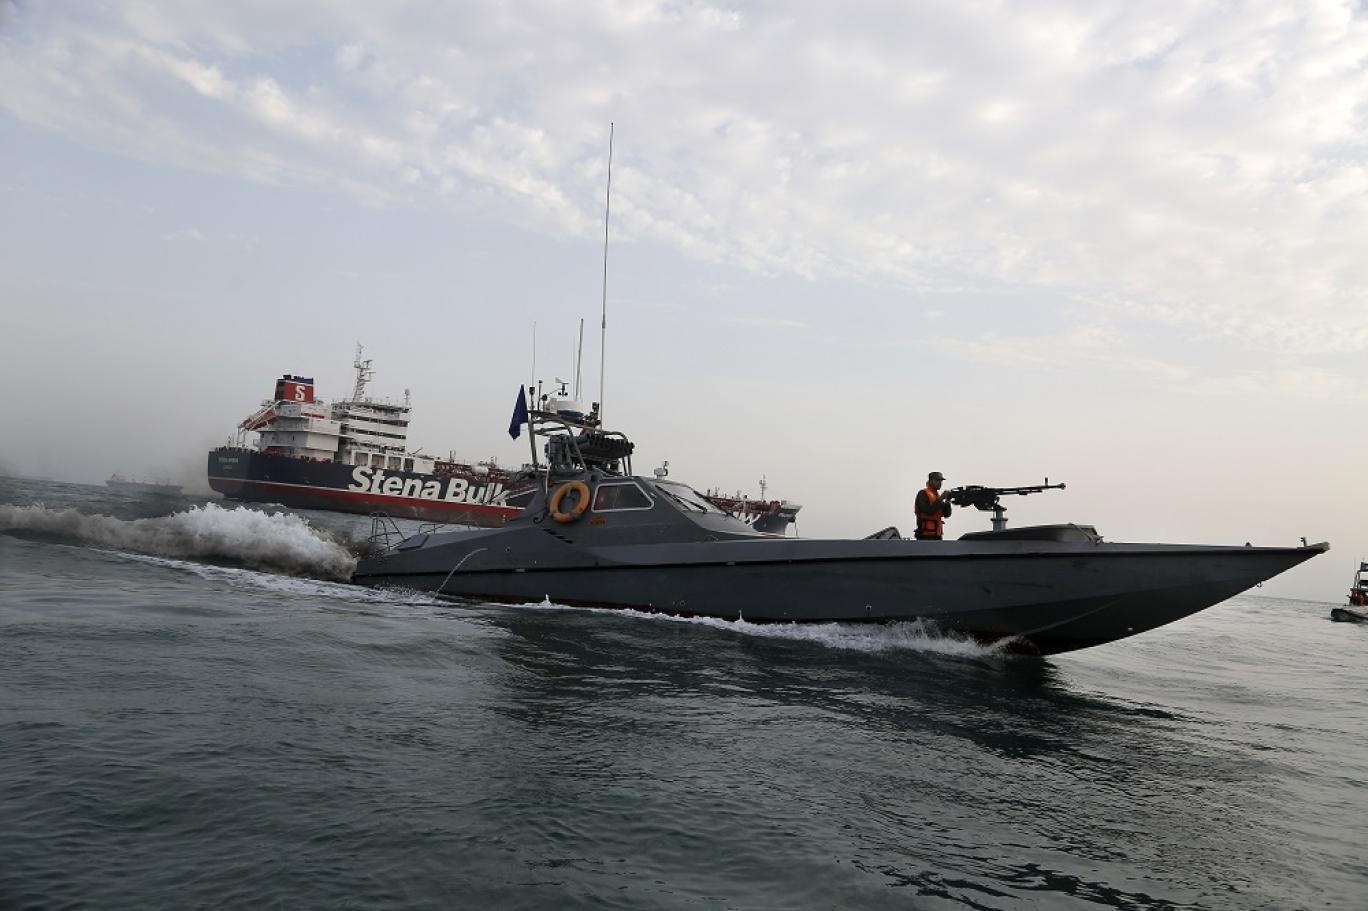 مجلس وزیران یمن فعالیت خصمانه ایران را با آب های منطقه ای خود محکوم می کند